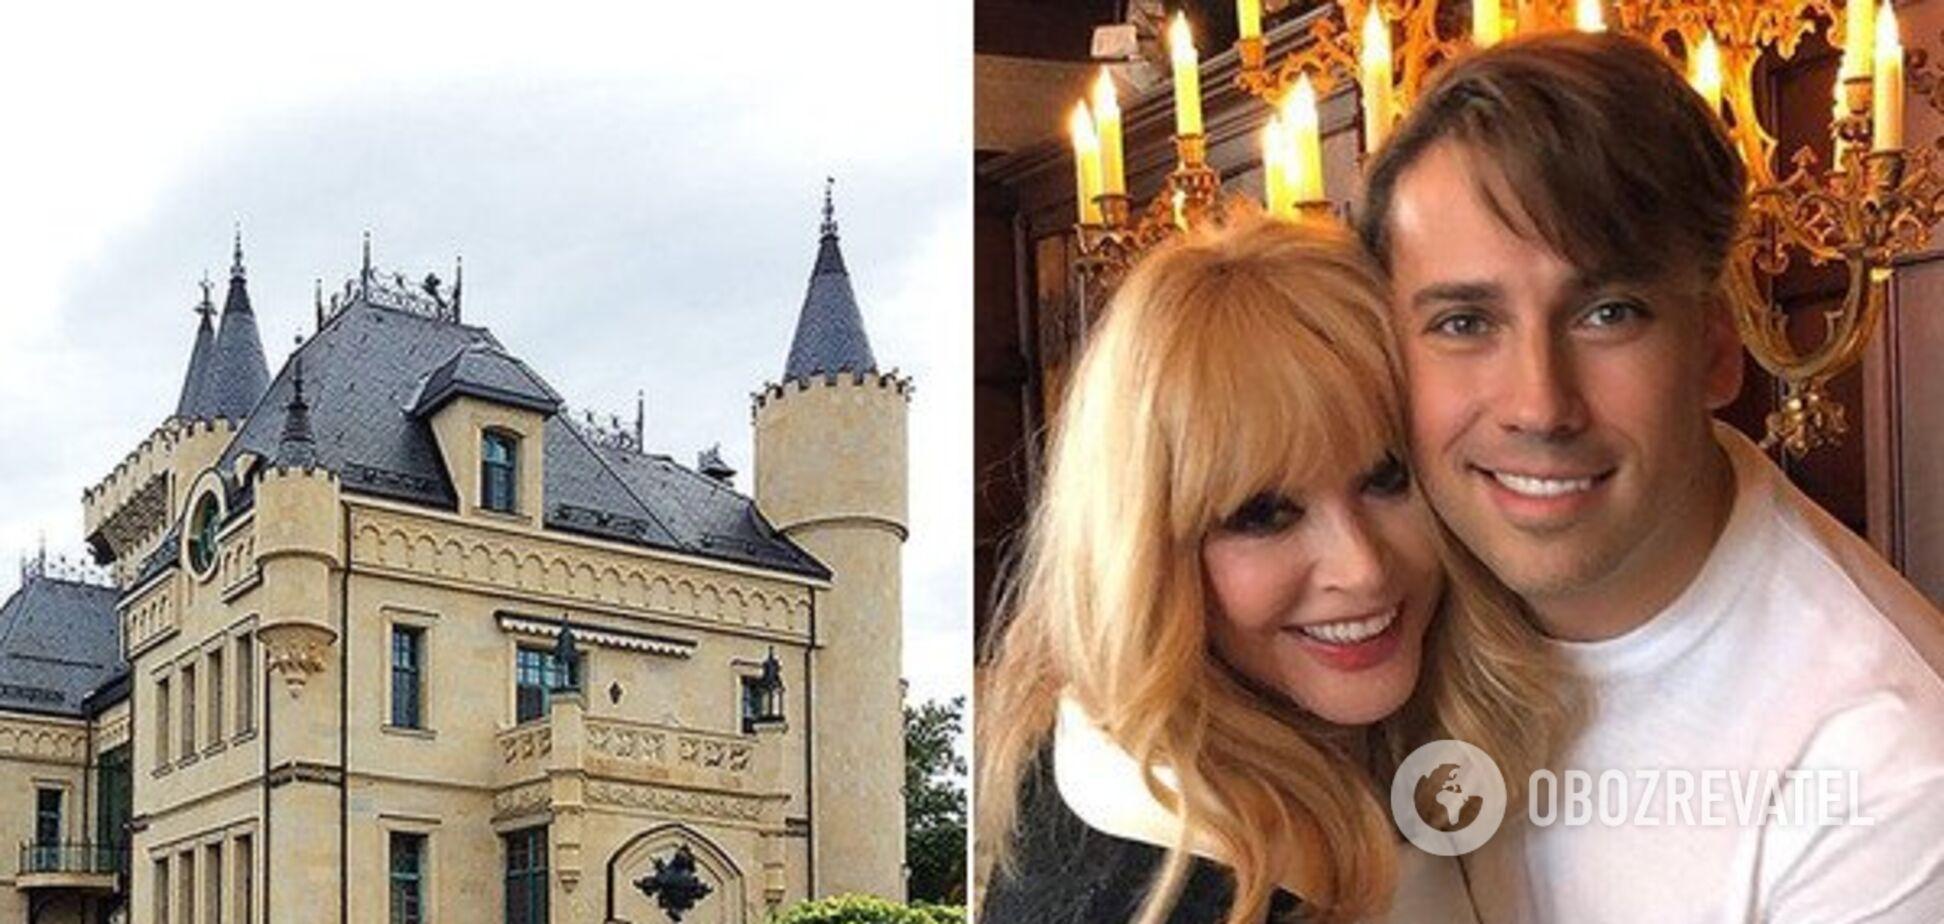 Смотровая башня и роскошный интерьер: Галкин показал их с Пугачевой замок